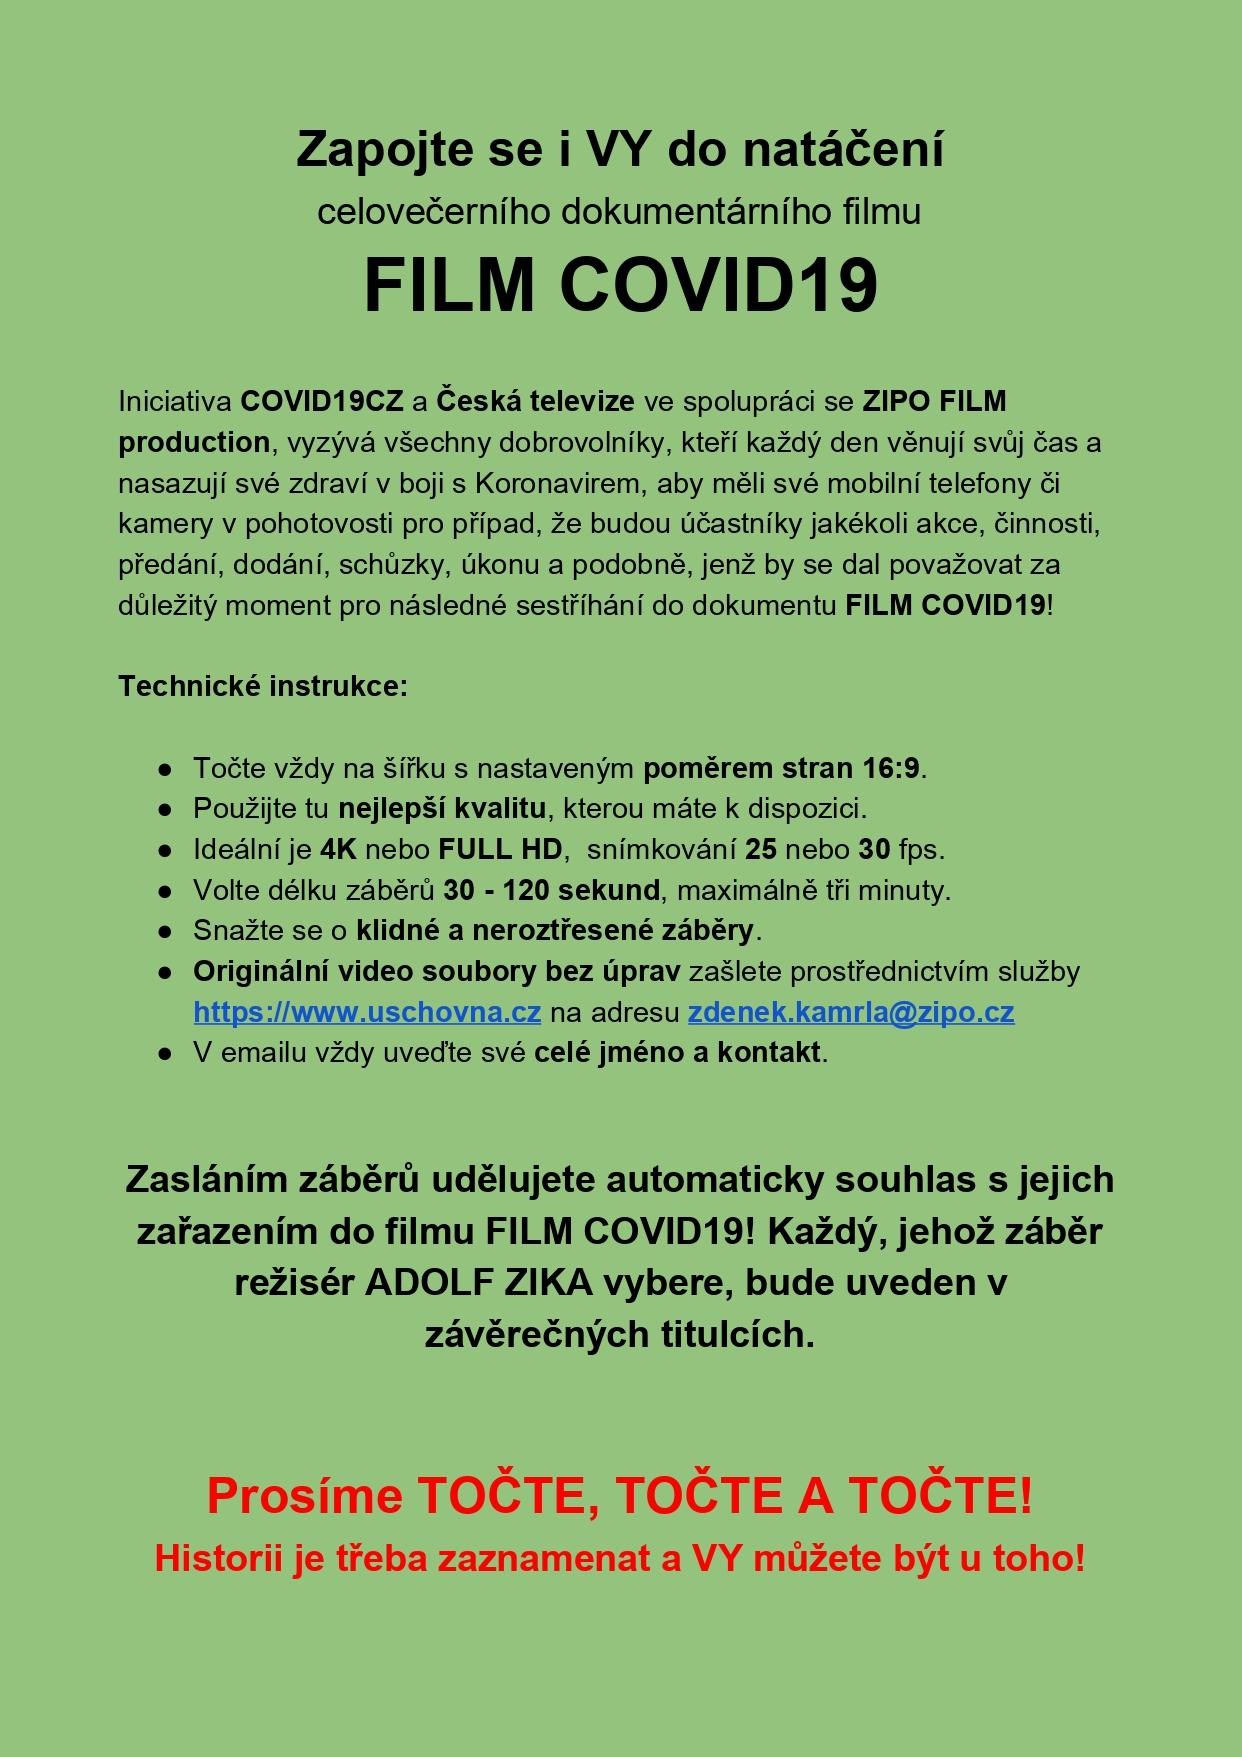 FILMCOVID19 JPG